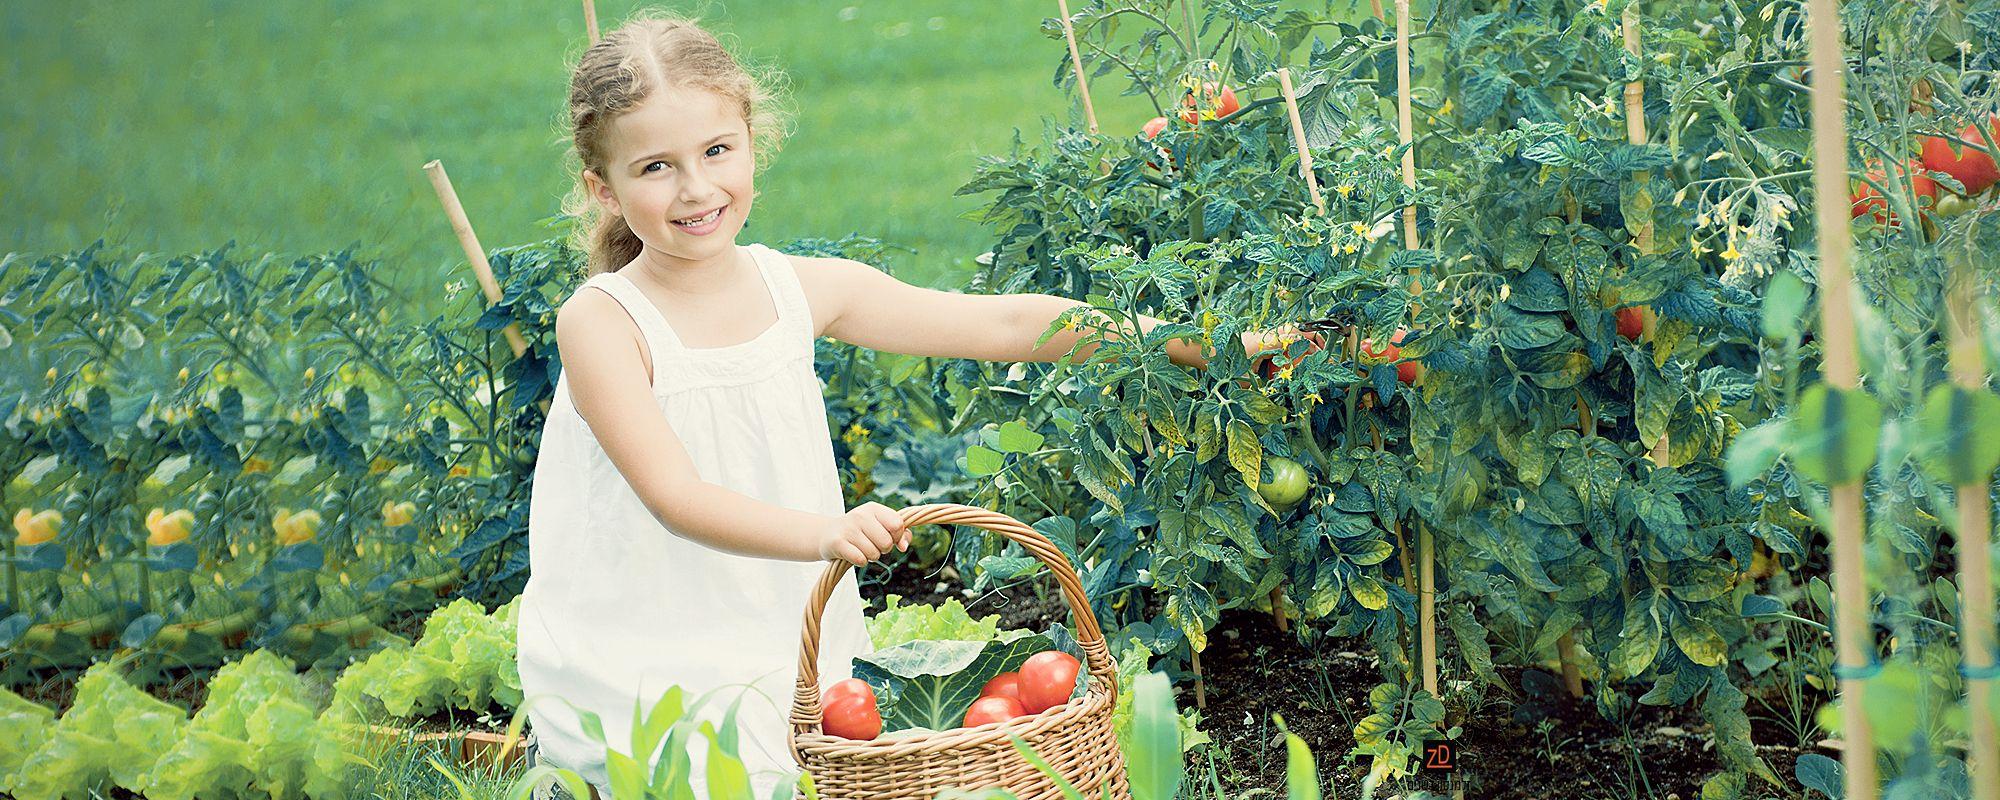 דשנים חדשניים ותוספים חדשים לגינון ולחקלאות